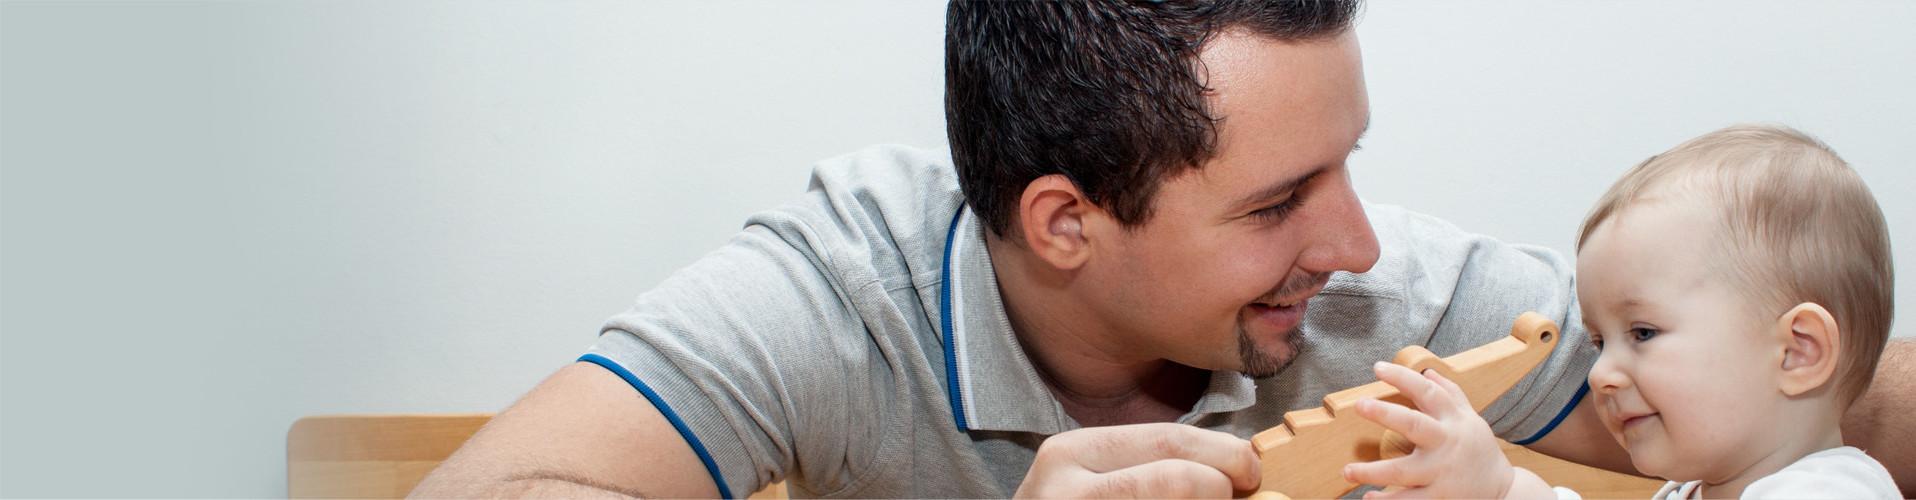 Junger Vater spielt mit seinem Kind © ManEtli, stock.adobe.com